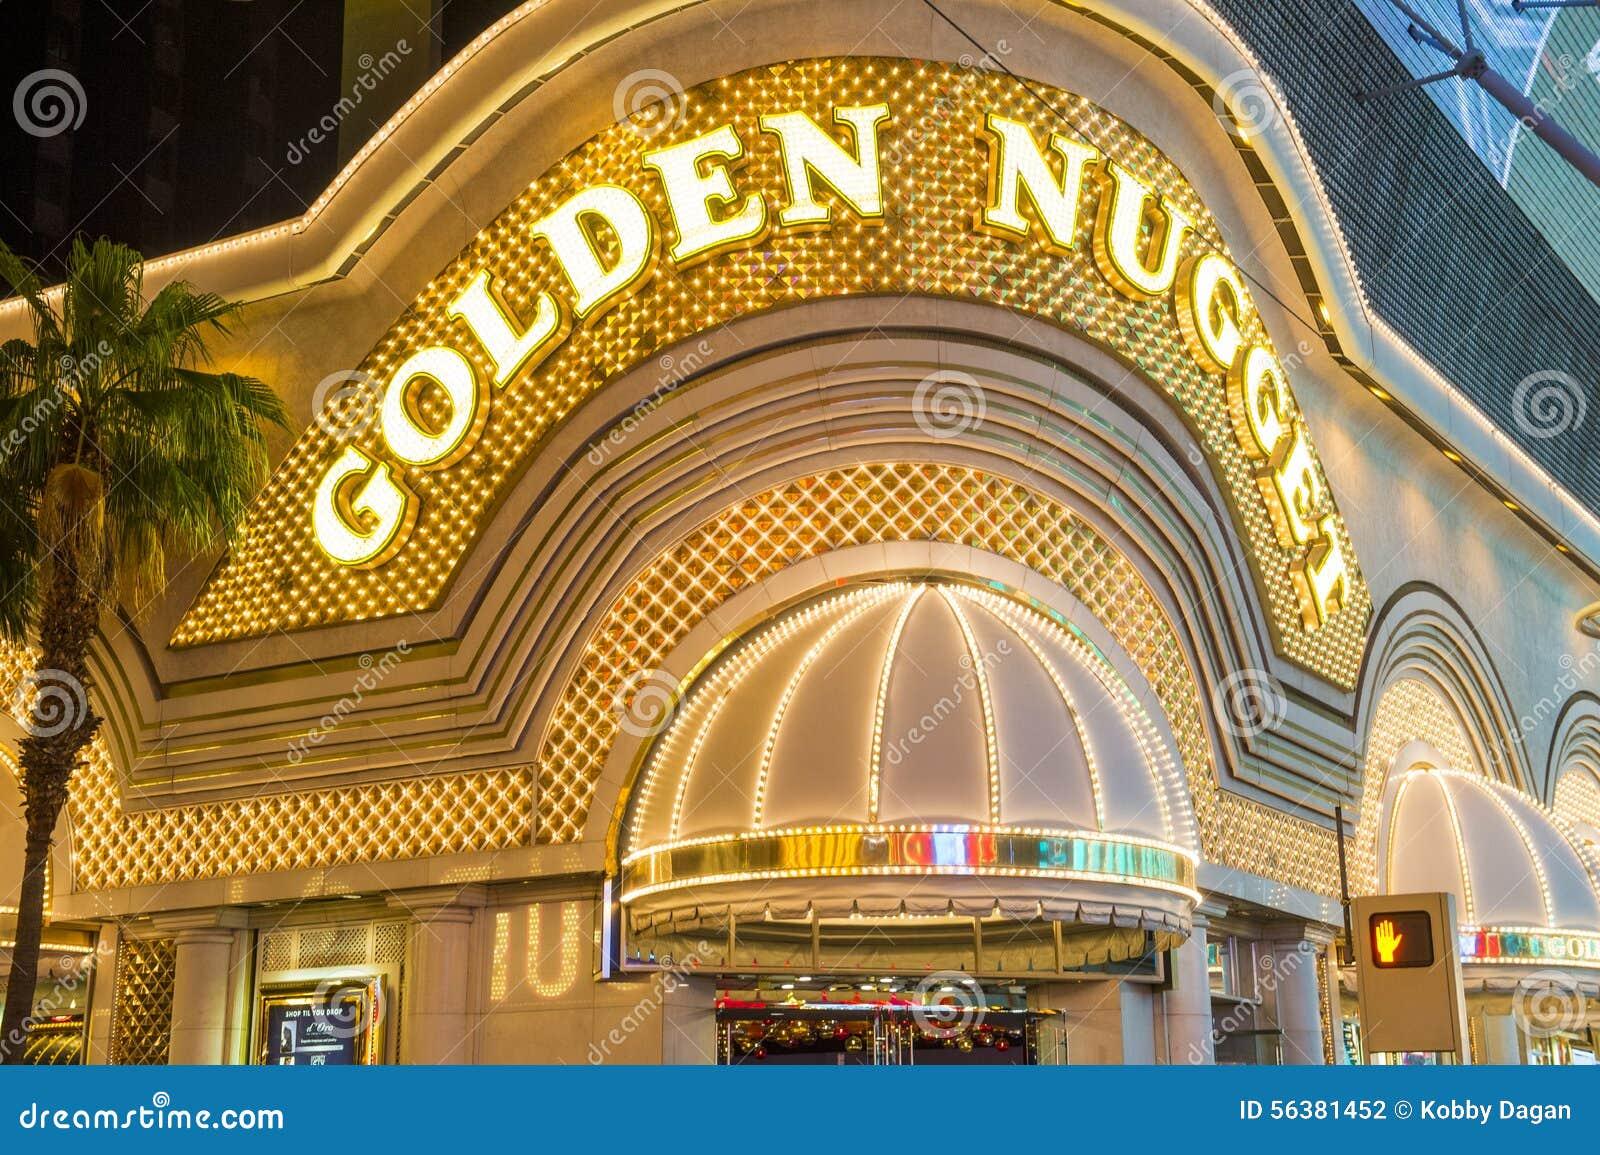 golden nugget online casino spiele kostenlos anmelden